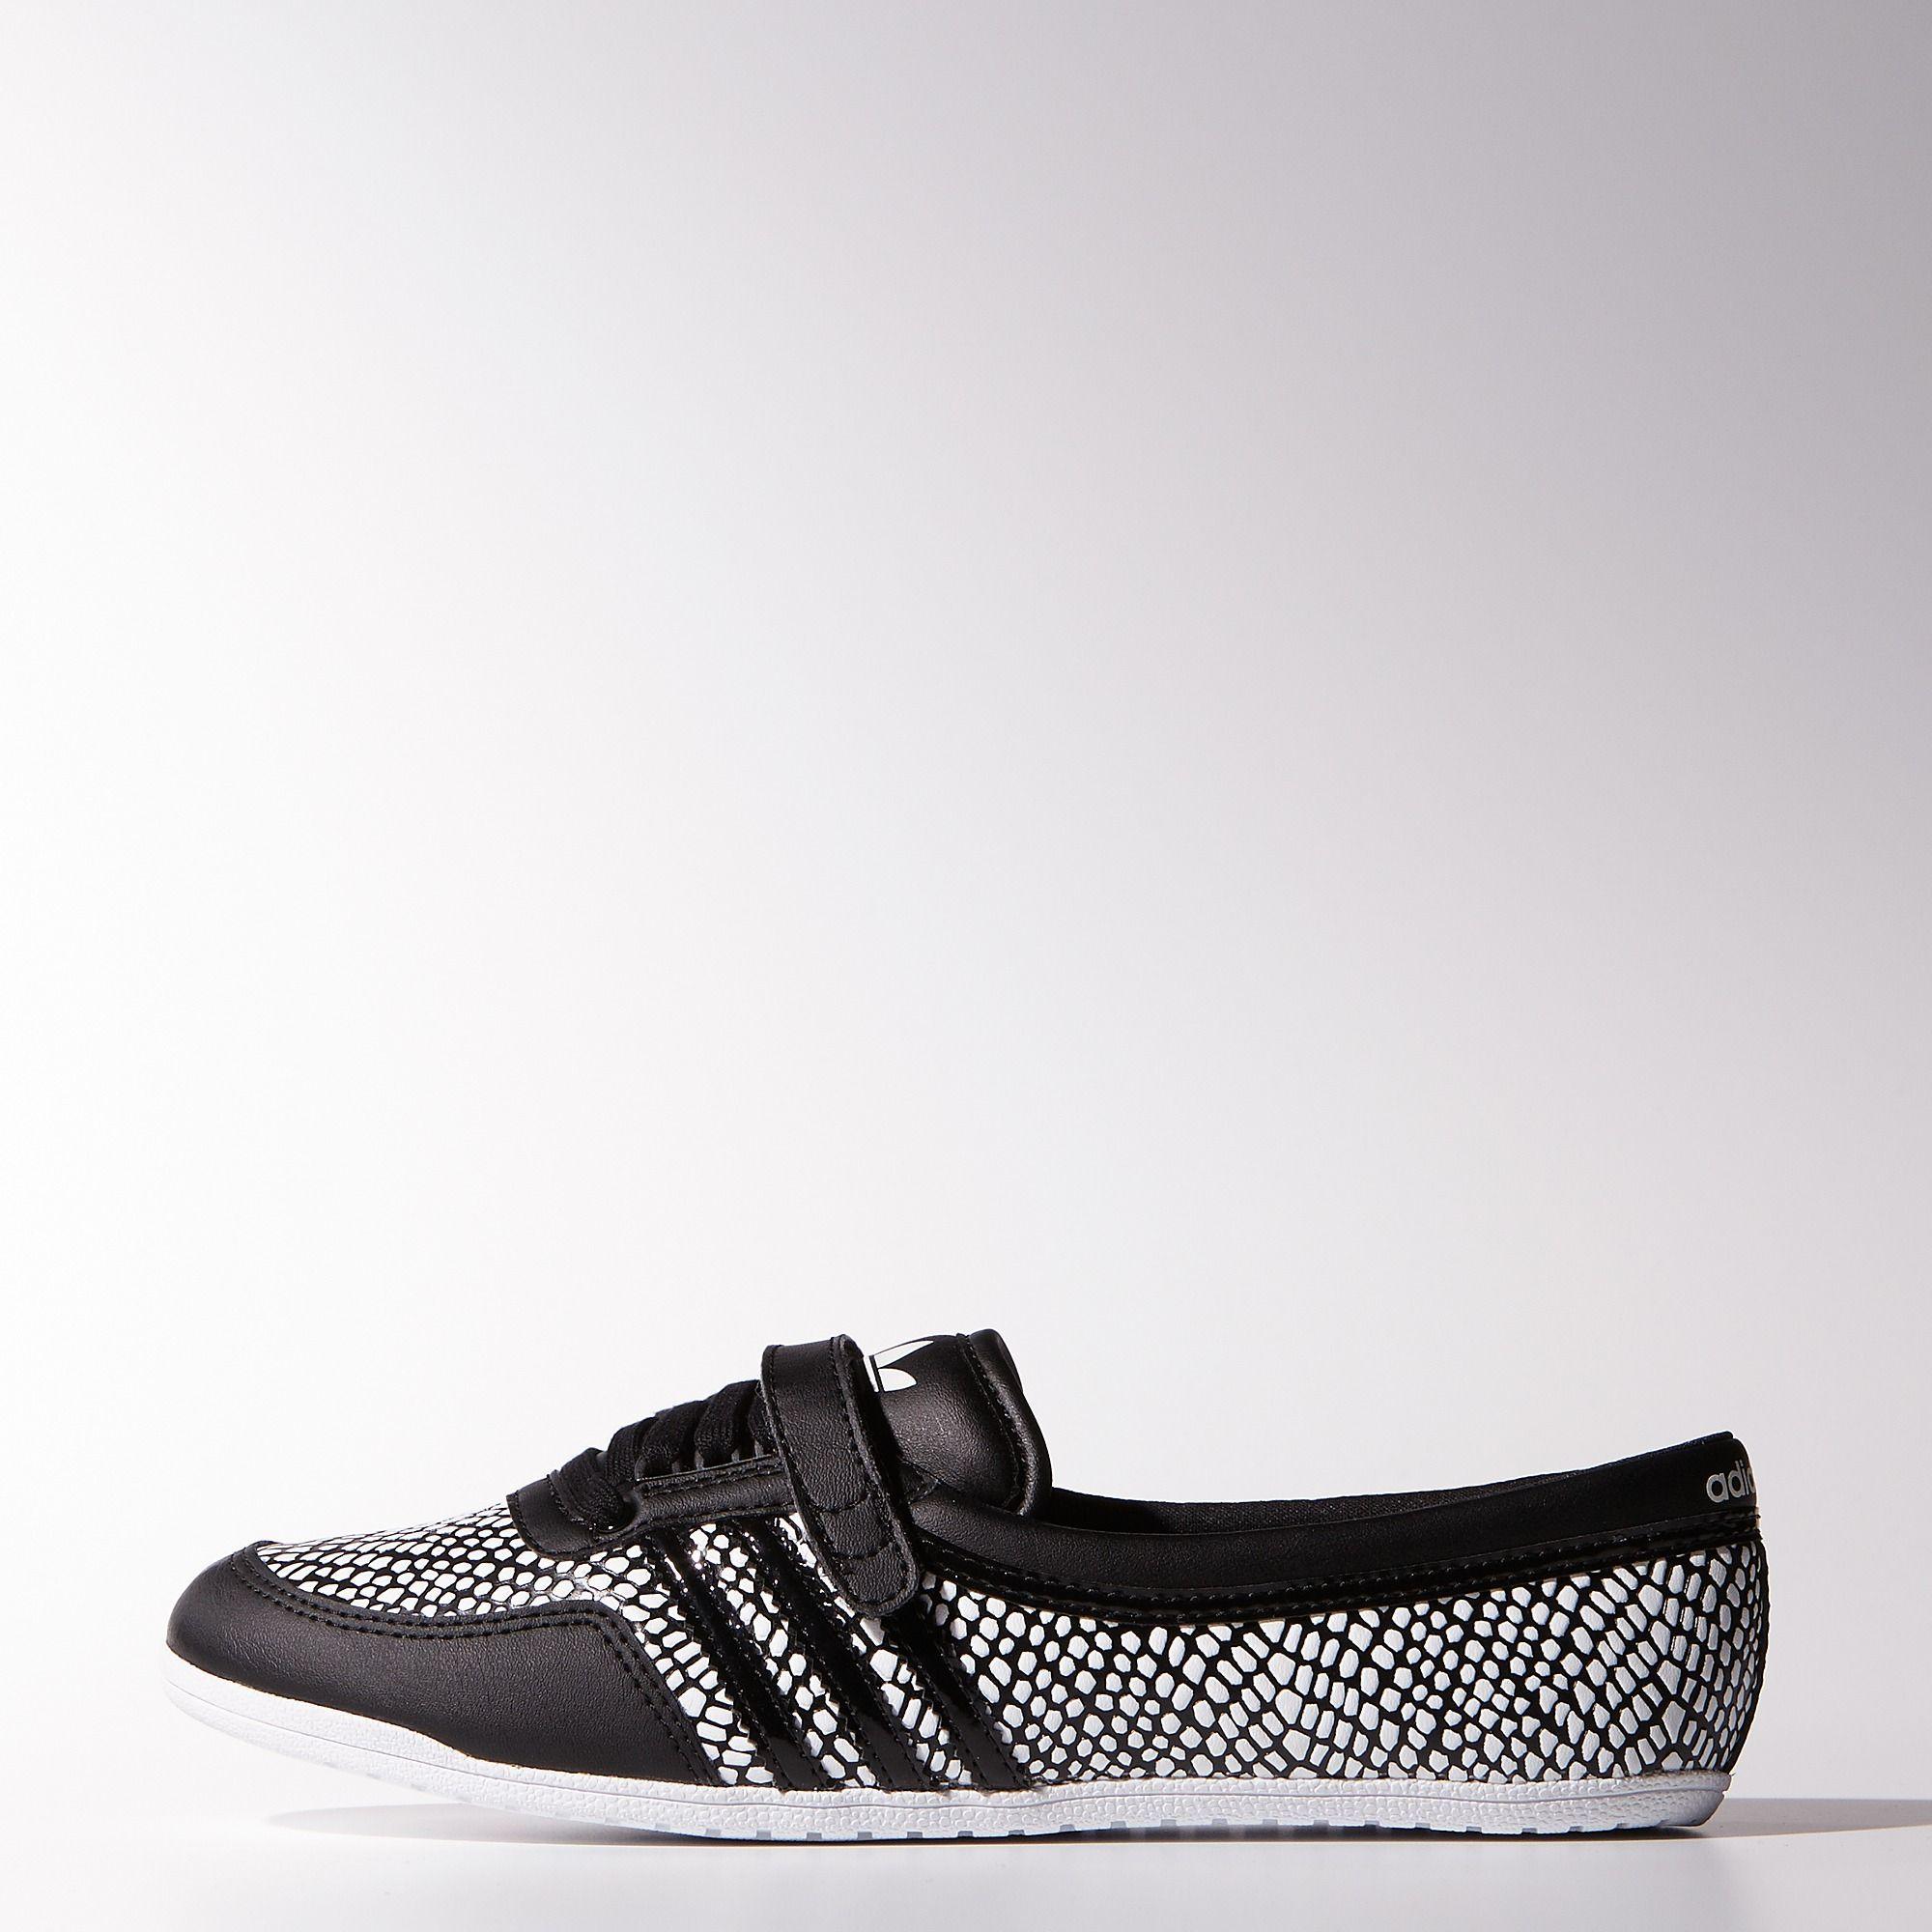 Cómodamente atractivos. | Girls Style Shoes | Adidas concord